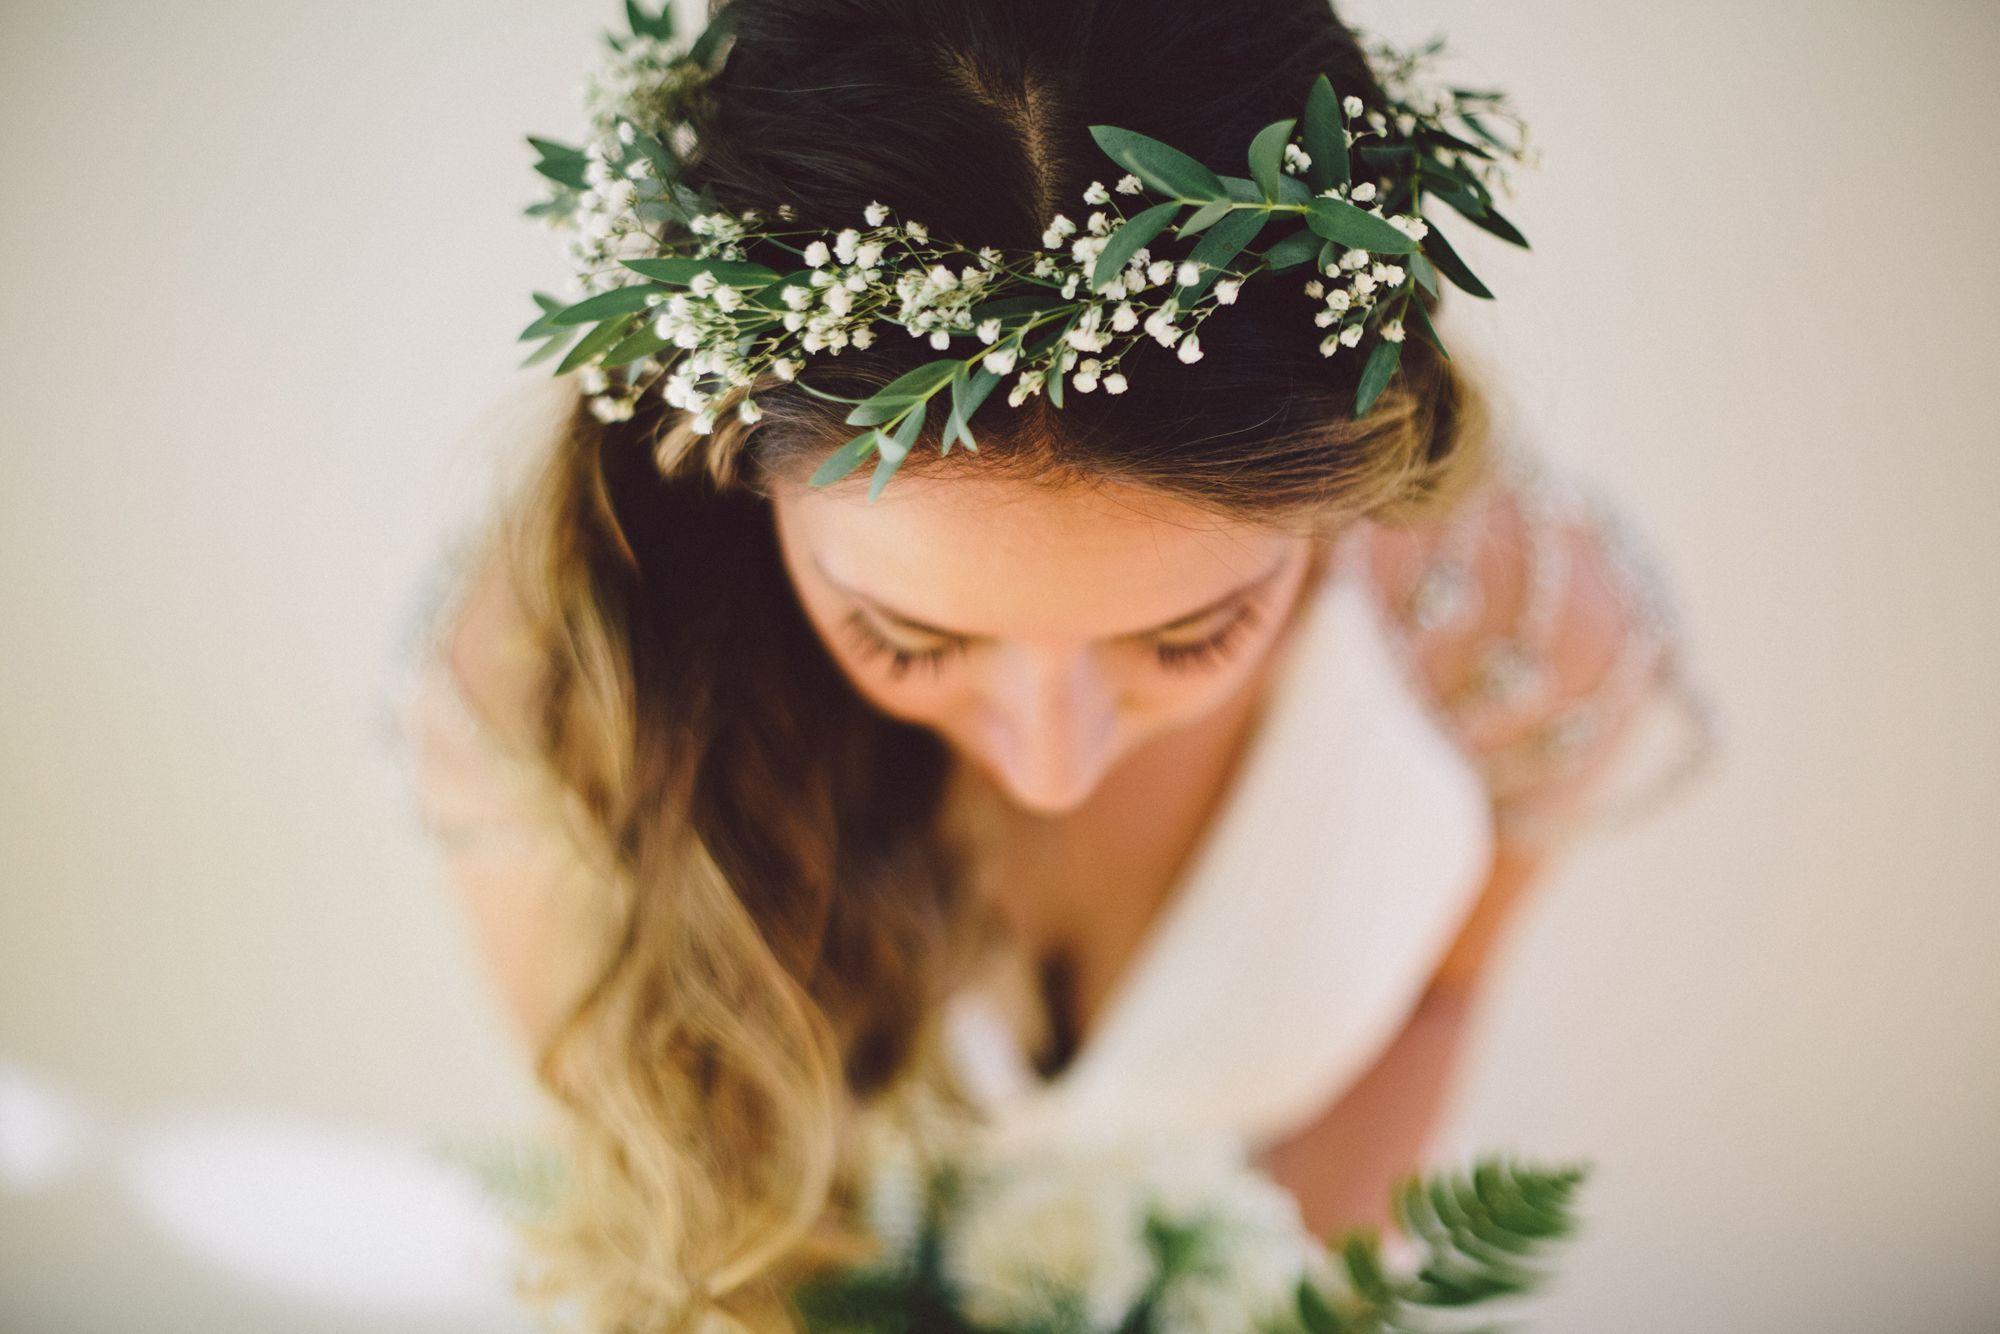 Best ideas about Baby'S Breath Flower Crown . Save or Pin DIY Baby s Breath Flower Crown Now.